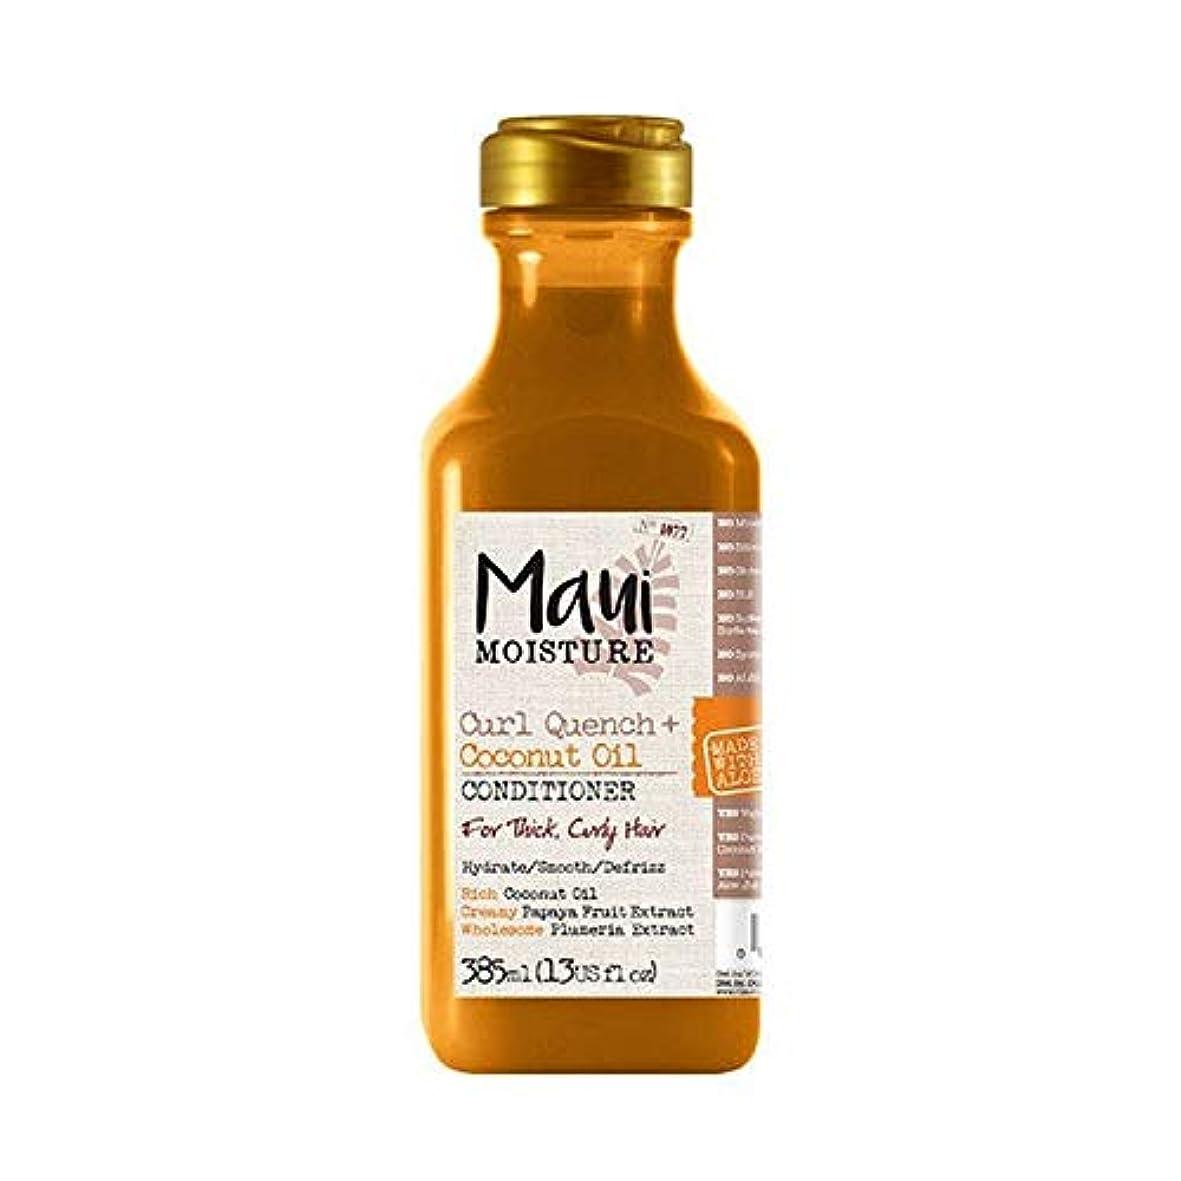 クラックきつくタイマー[Maui Moisture ] マウイ水分カールクエンチ+ココナッツオイルコンディショナー - Maui Moisture Curl Quench + Coconut Oil Conditioner [並行輸入品]